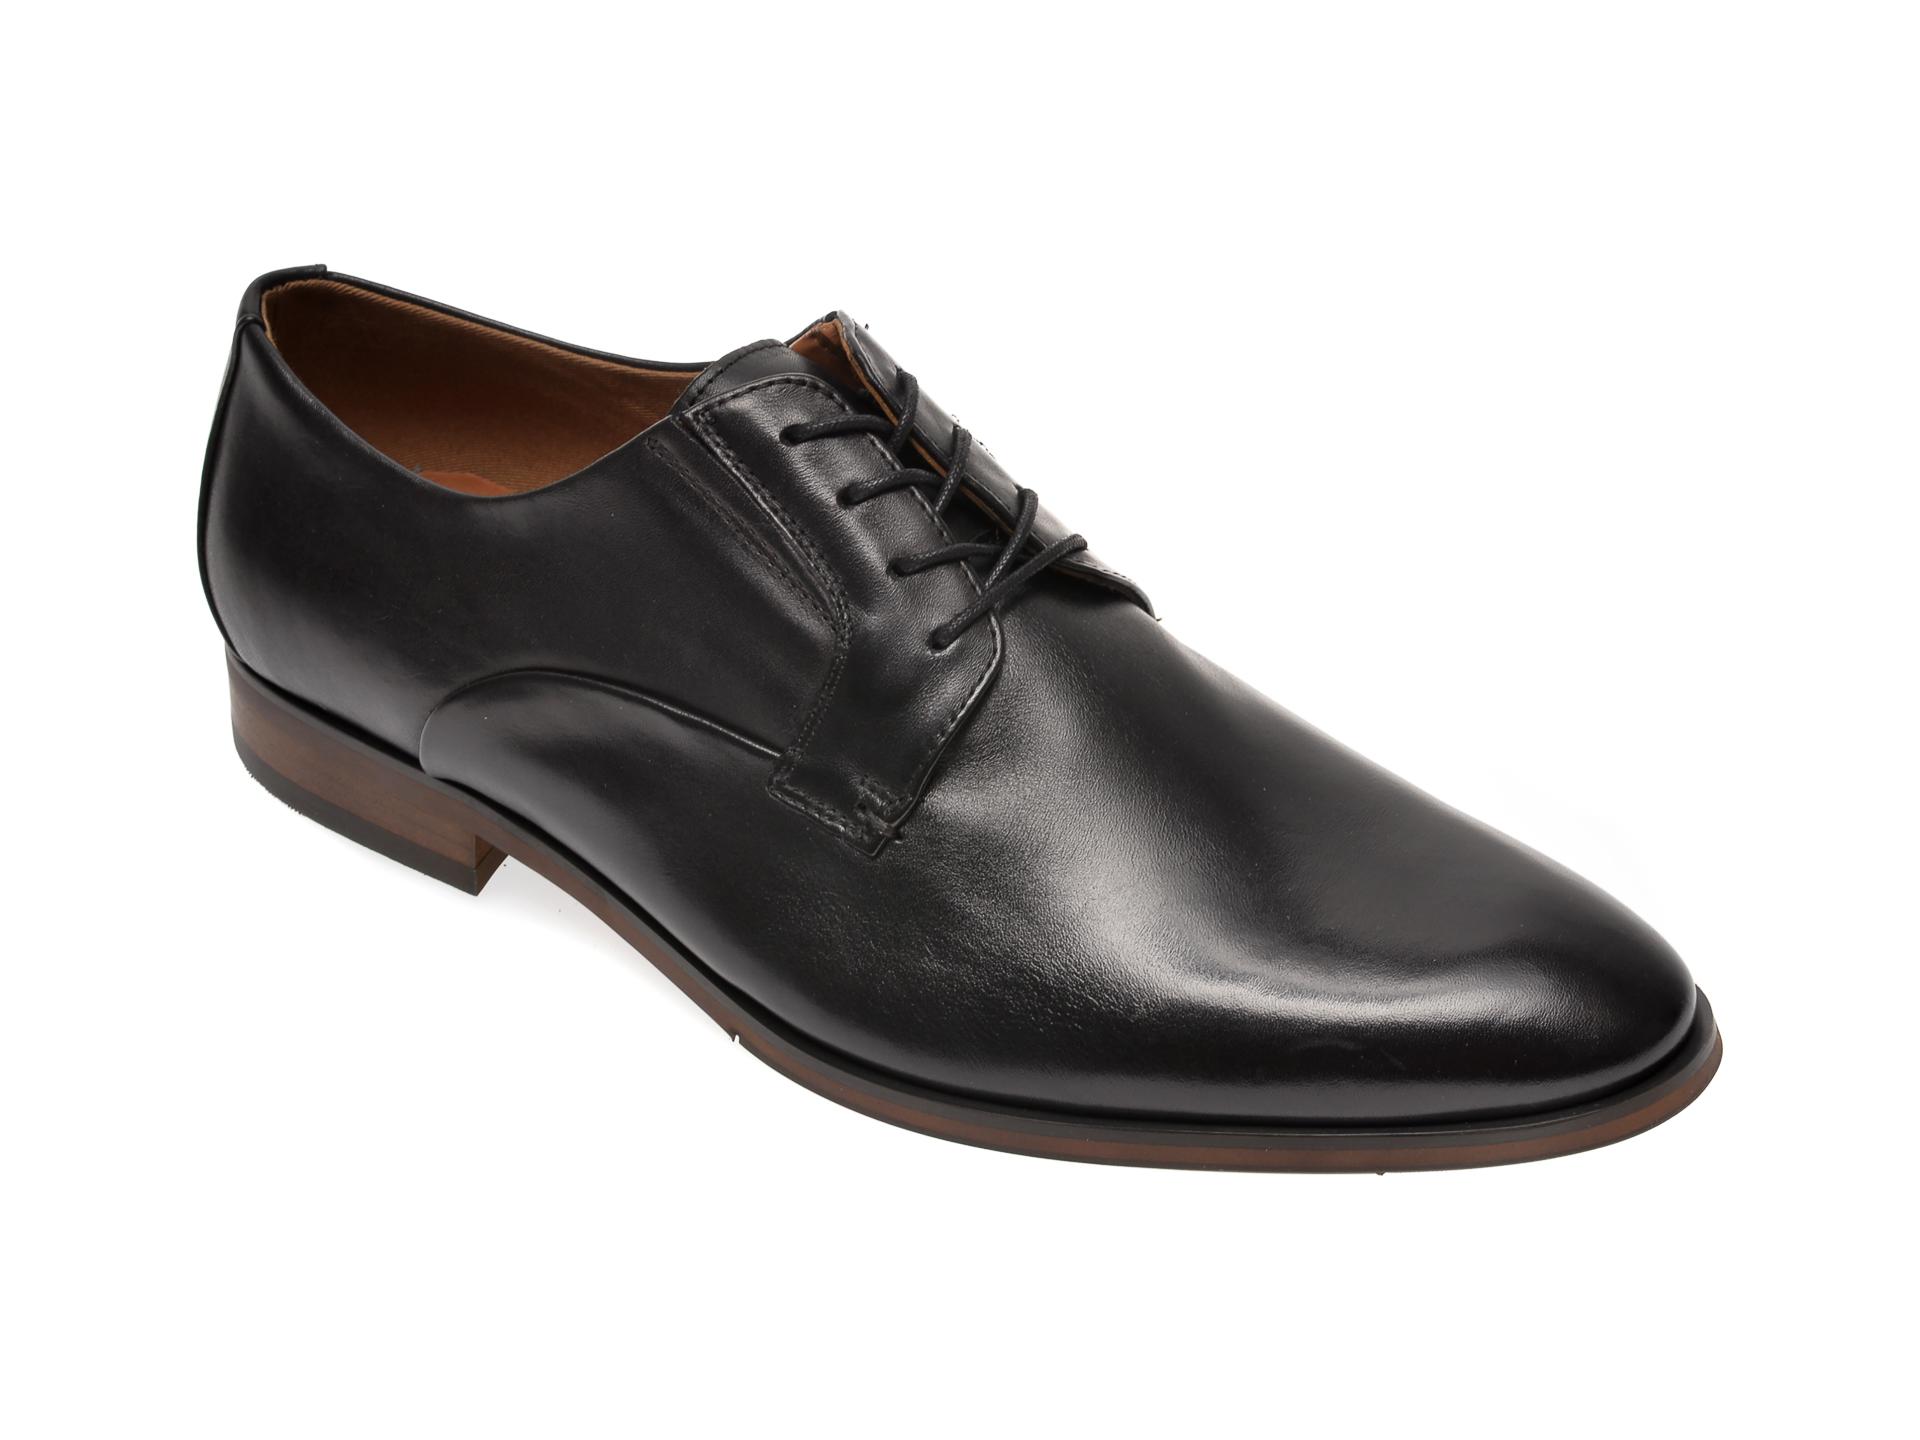 Pantofi ALDO negri, Eowelalian001, din piele naturala imagine